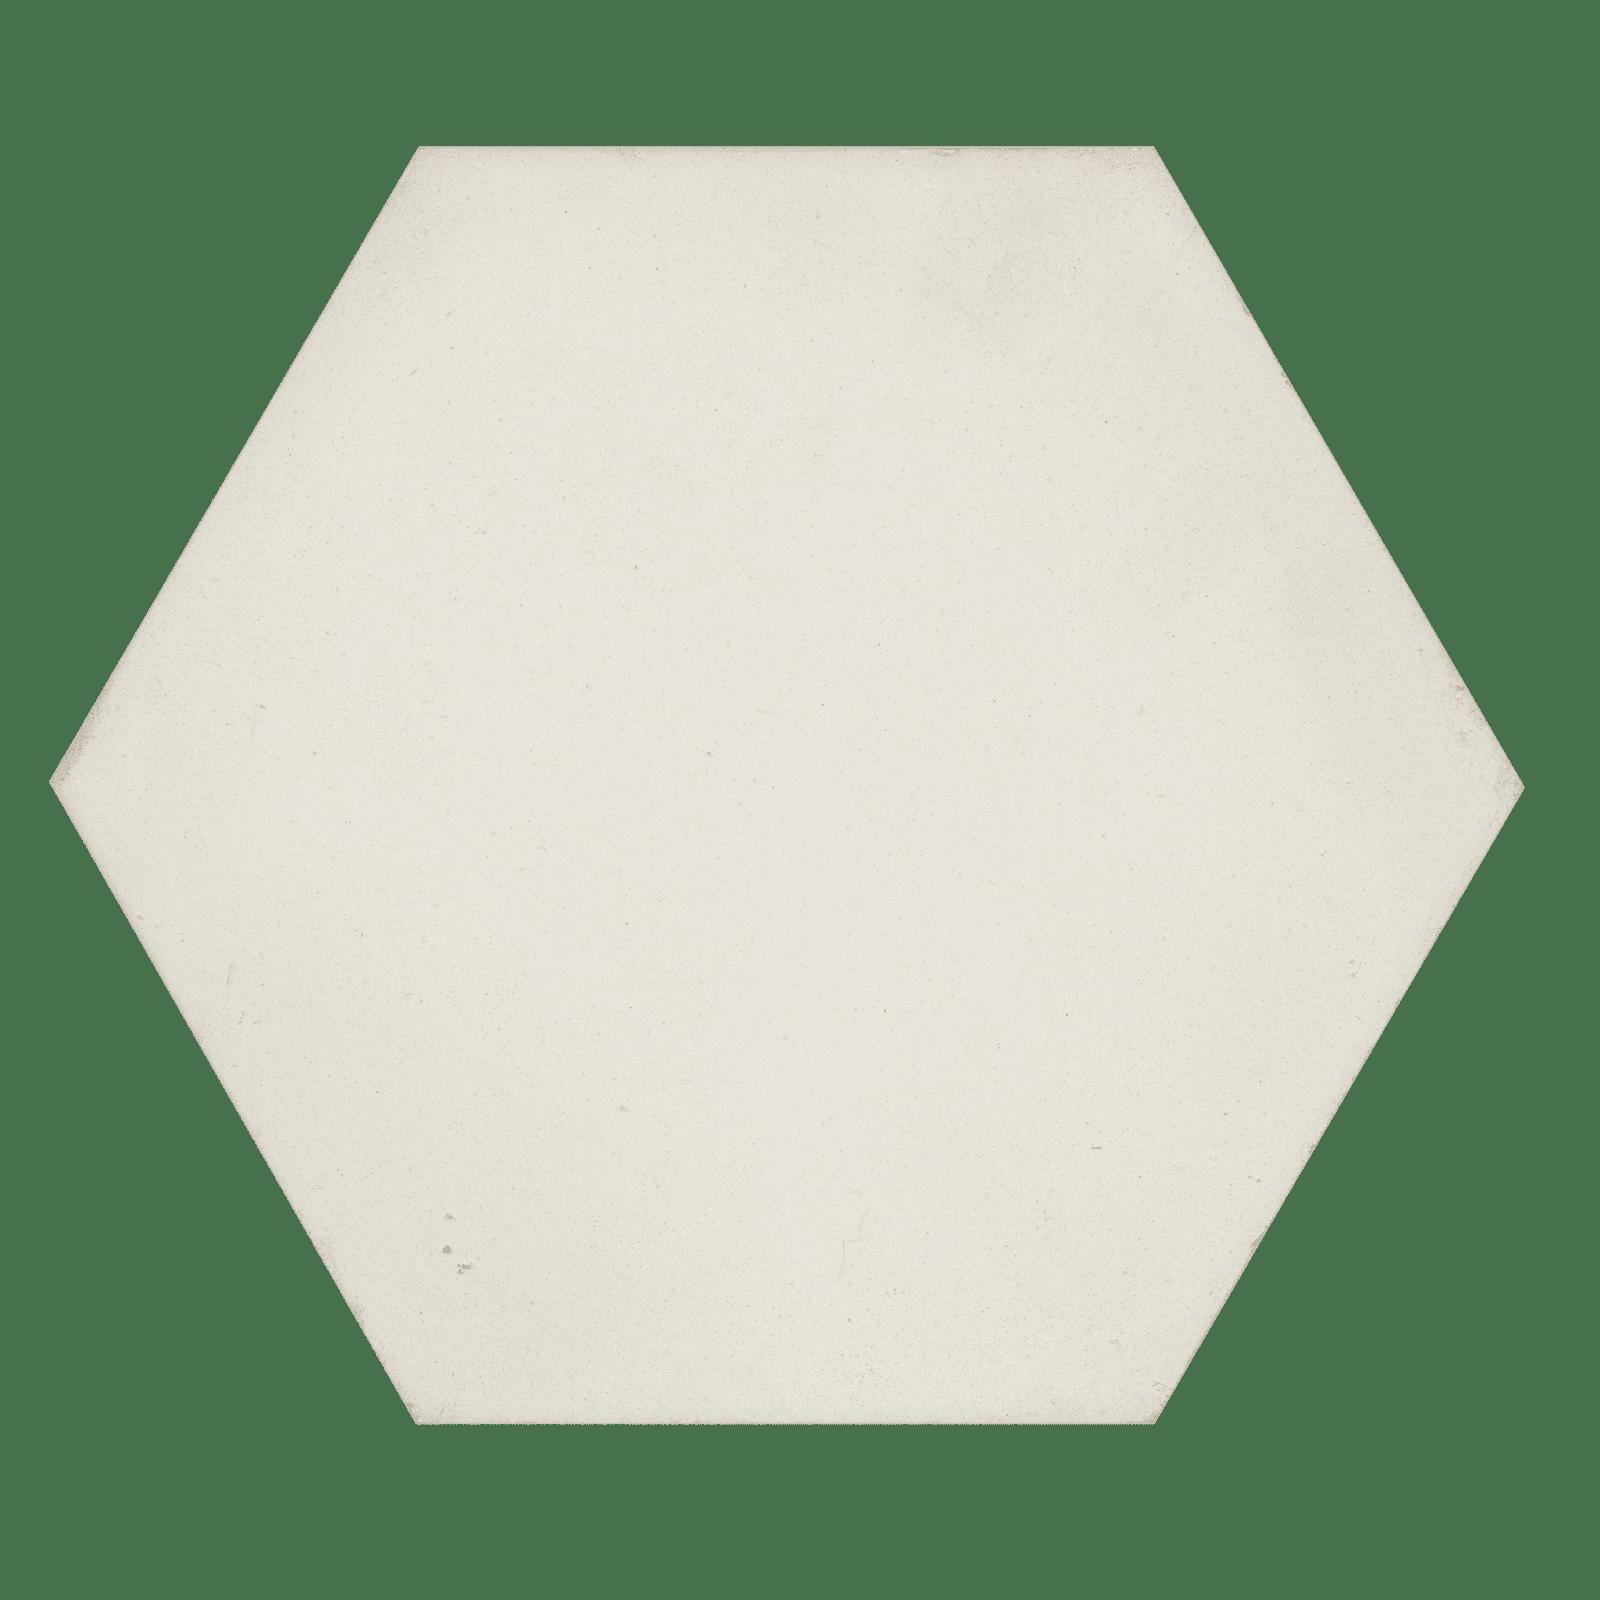 zementmosaikfliesen-nummer-6-01-viaplatten | 6-01